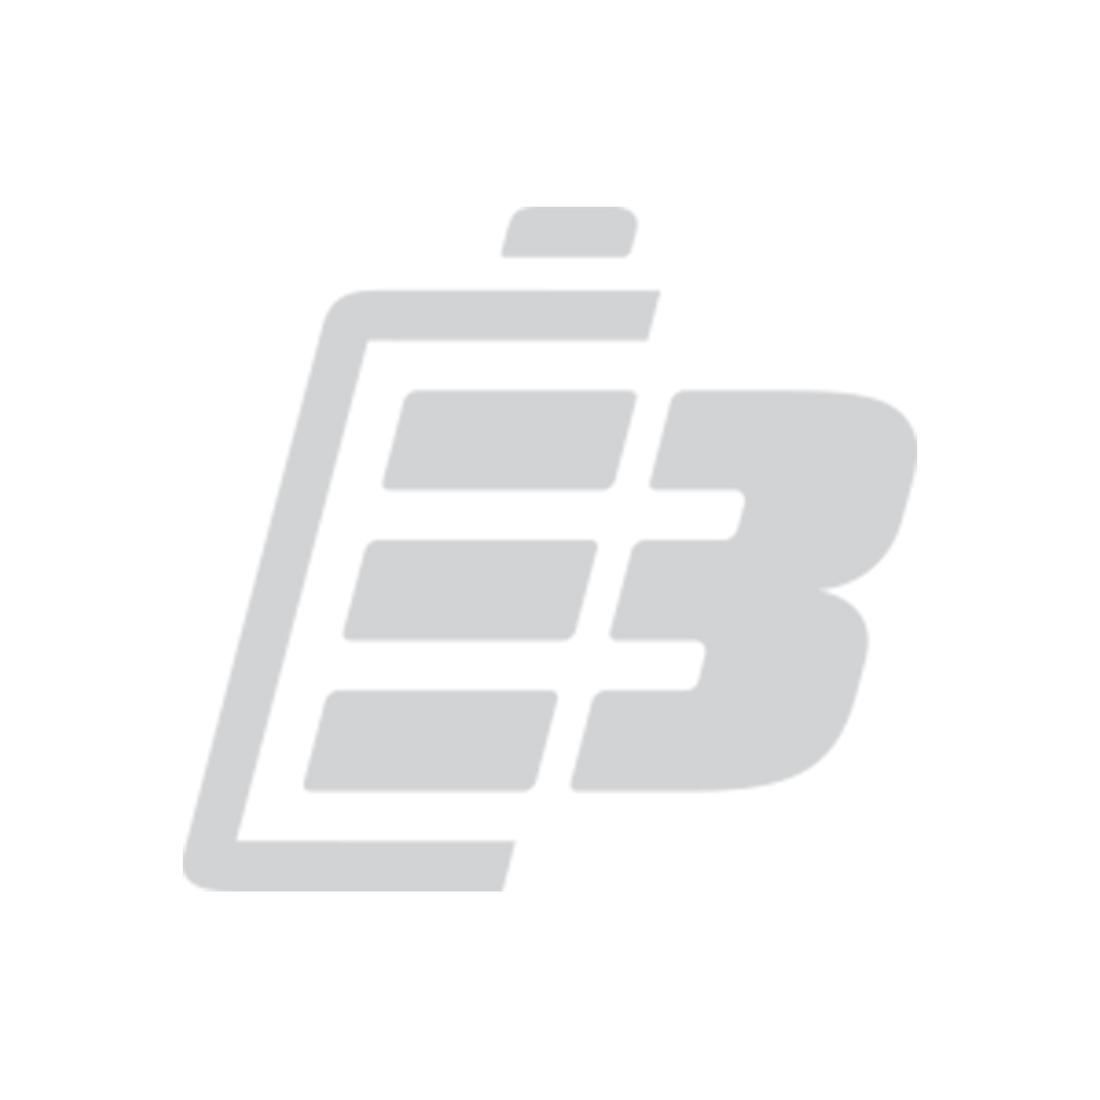 Cordless phone battery Panasonic HHR-P546_1